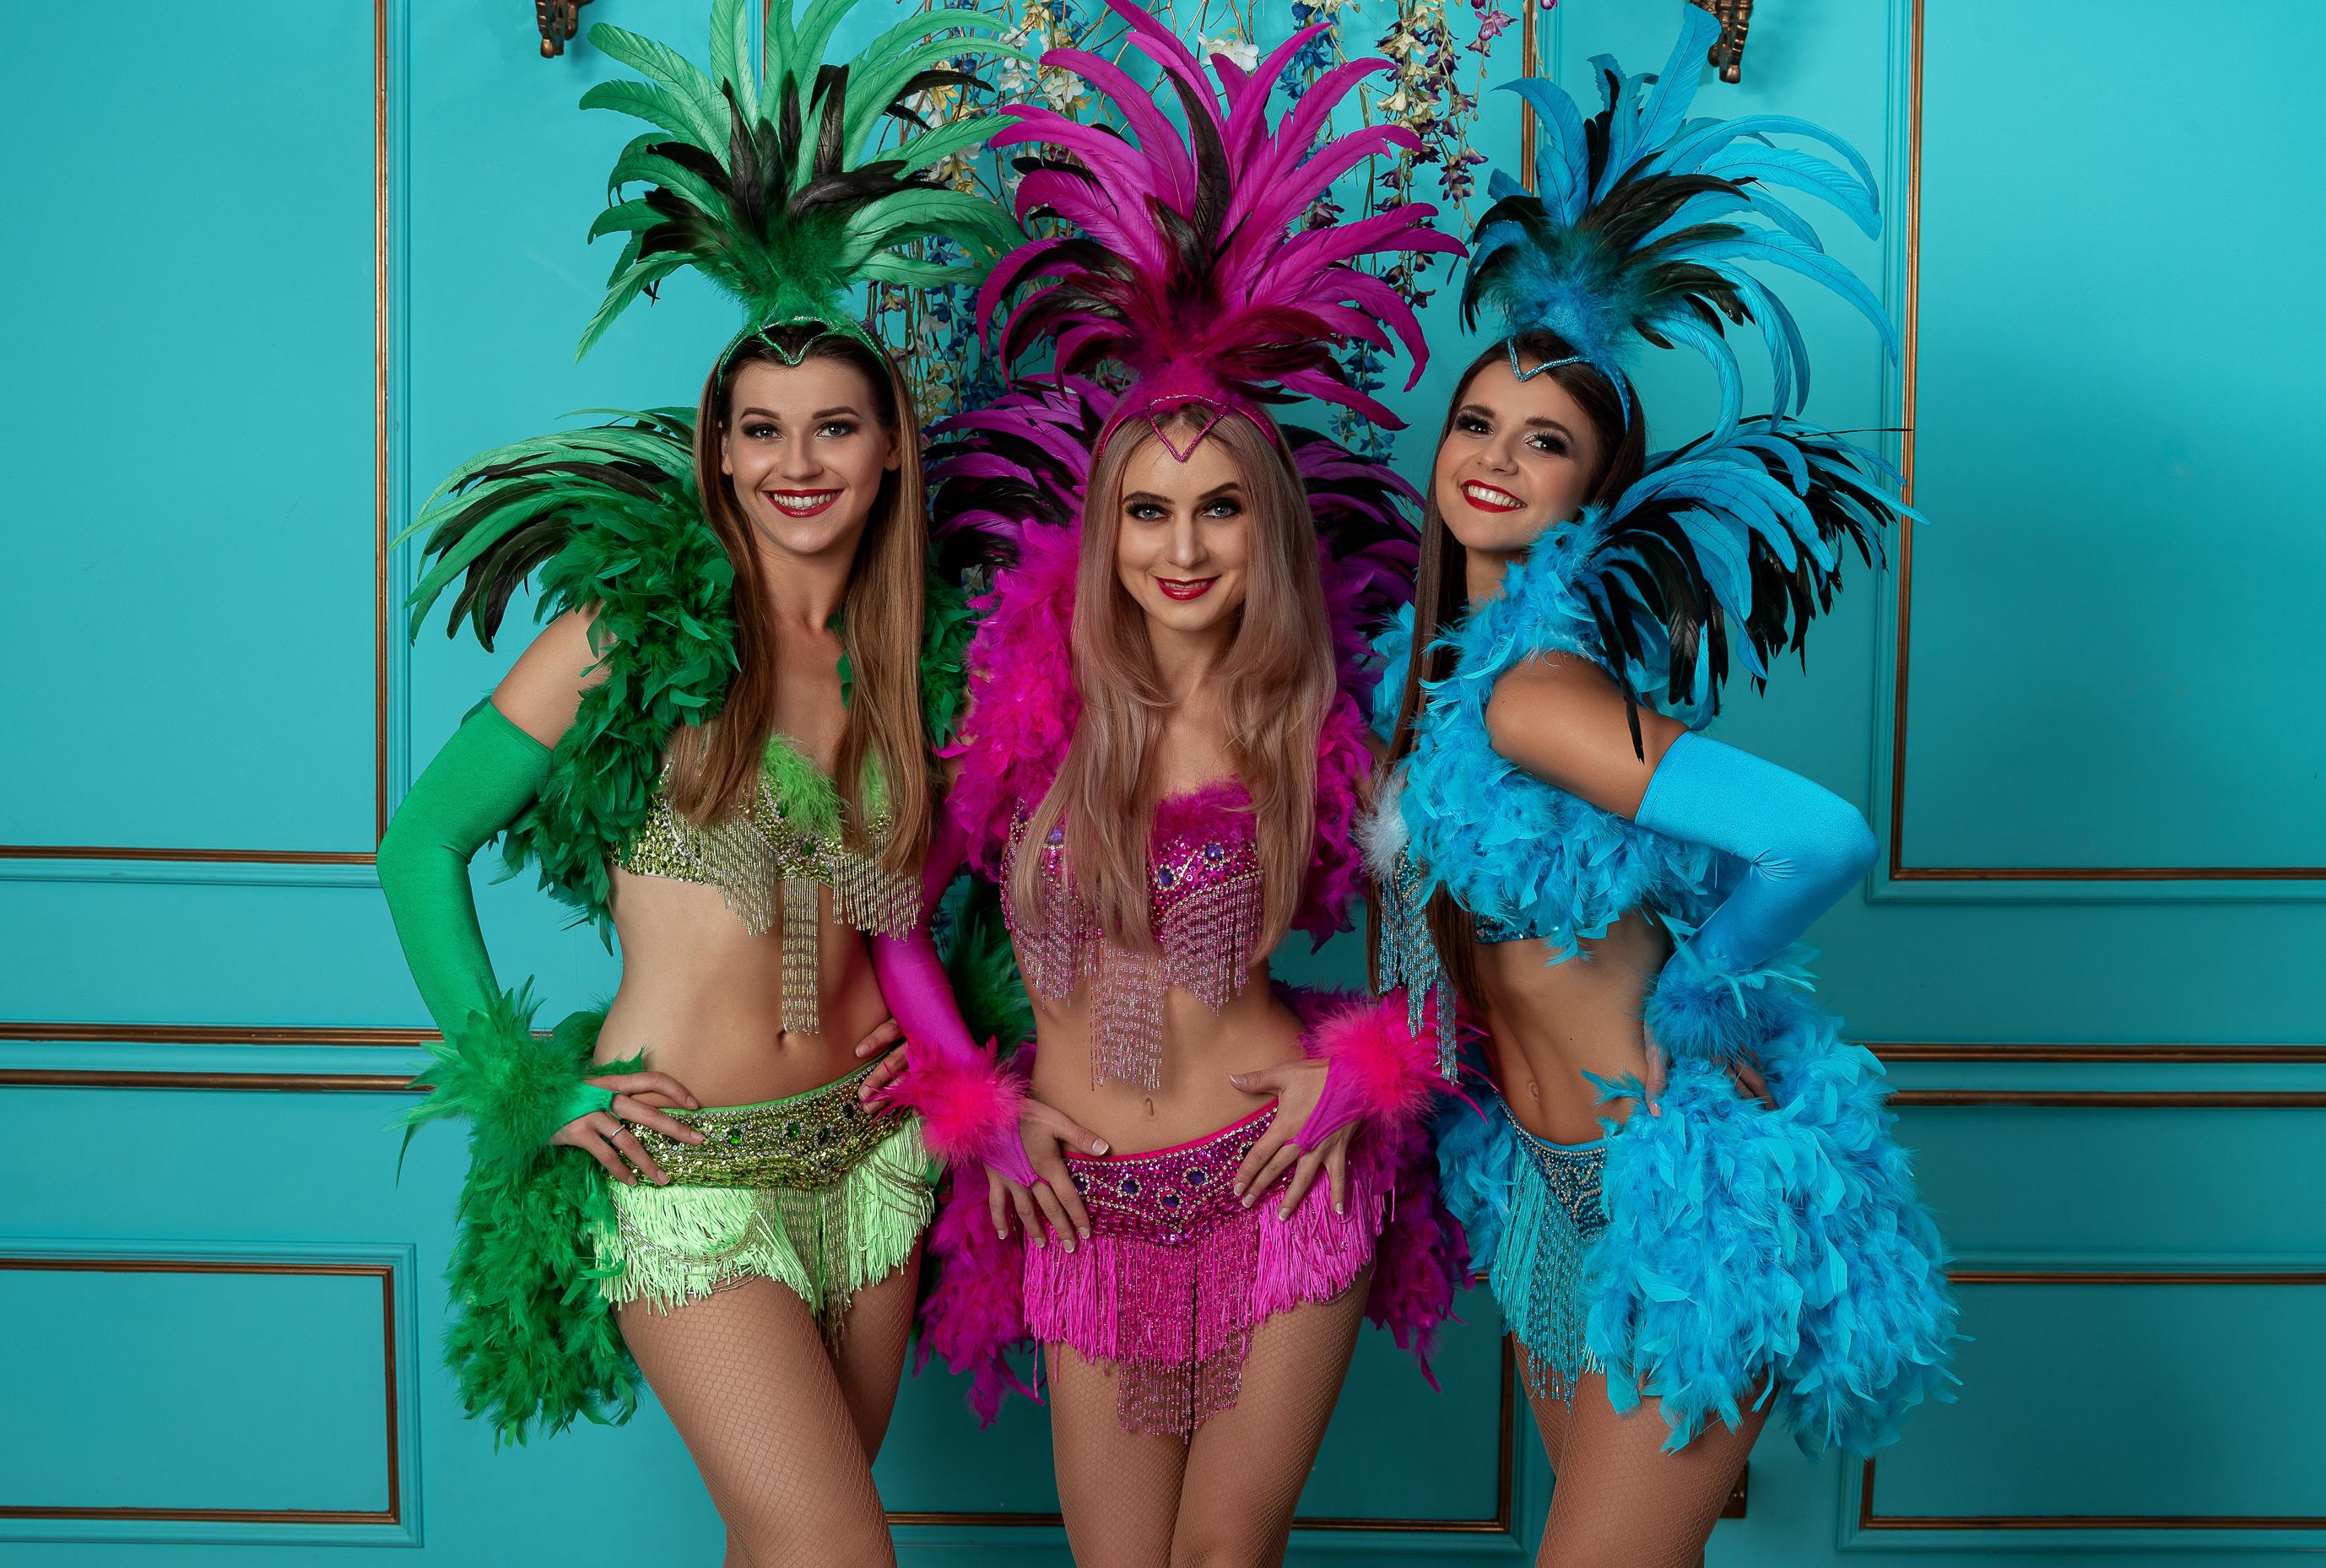 Šokių šou programa, pasirodymas vestuvėms, gimtadieniui, renginiams - braziliškas šokis